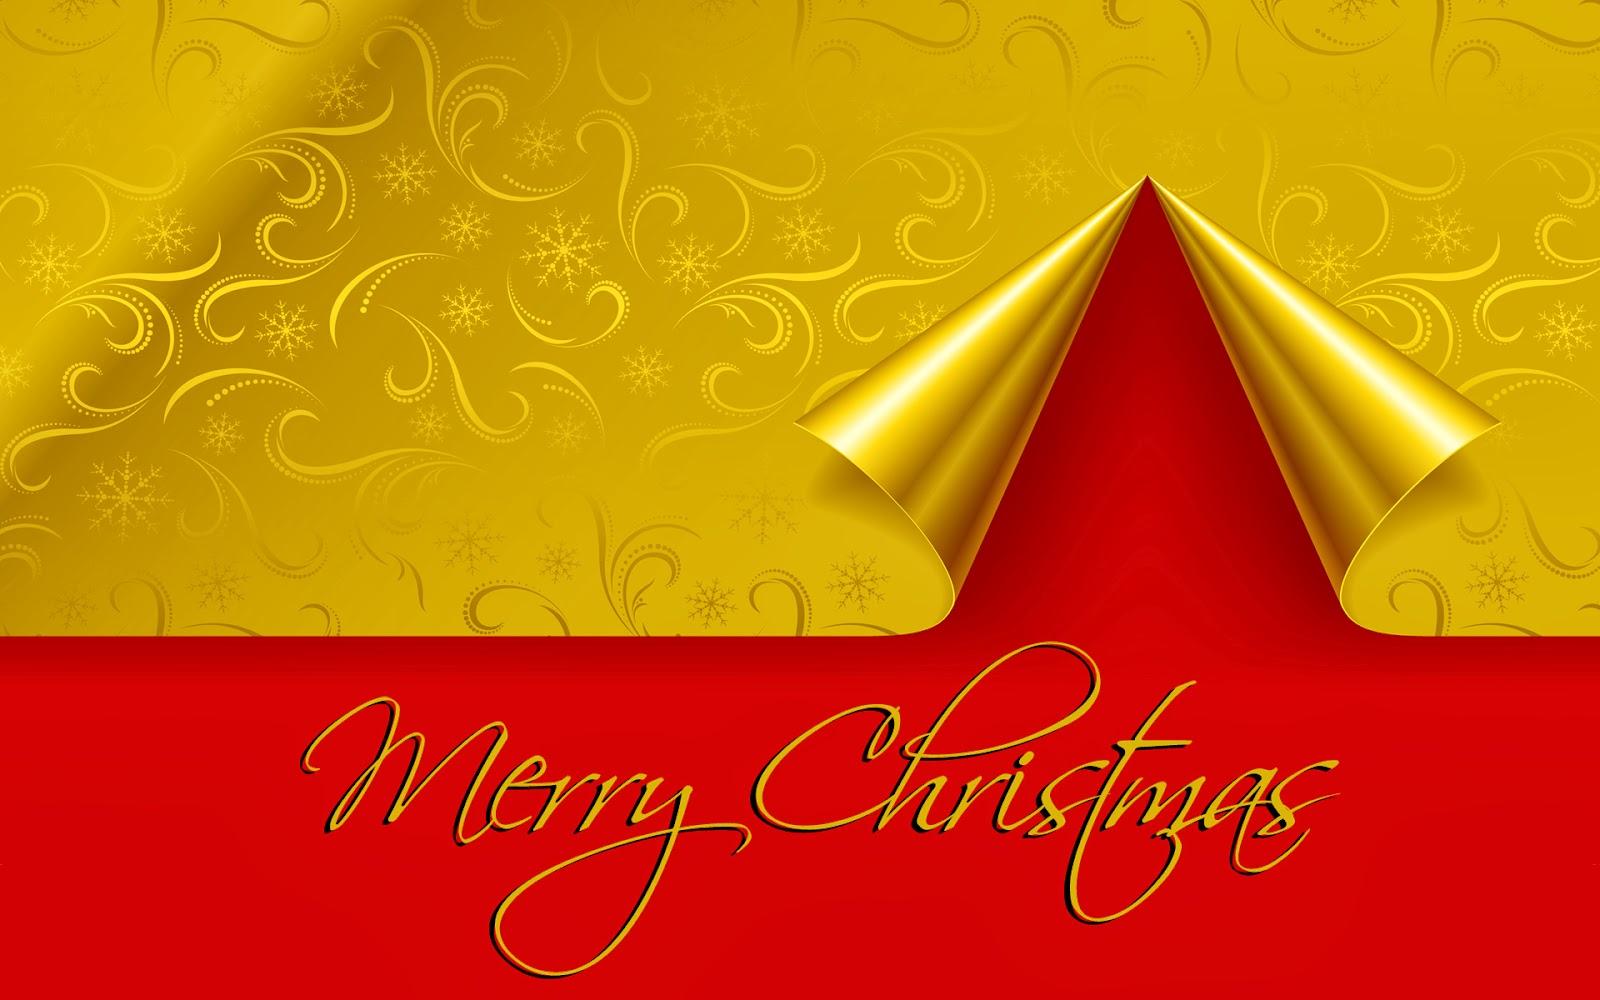 christmas greeting card wallpapers christmas greeting card wallpapers 1600x1000